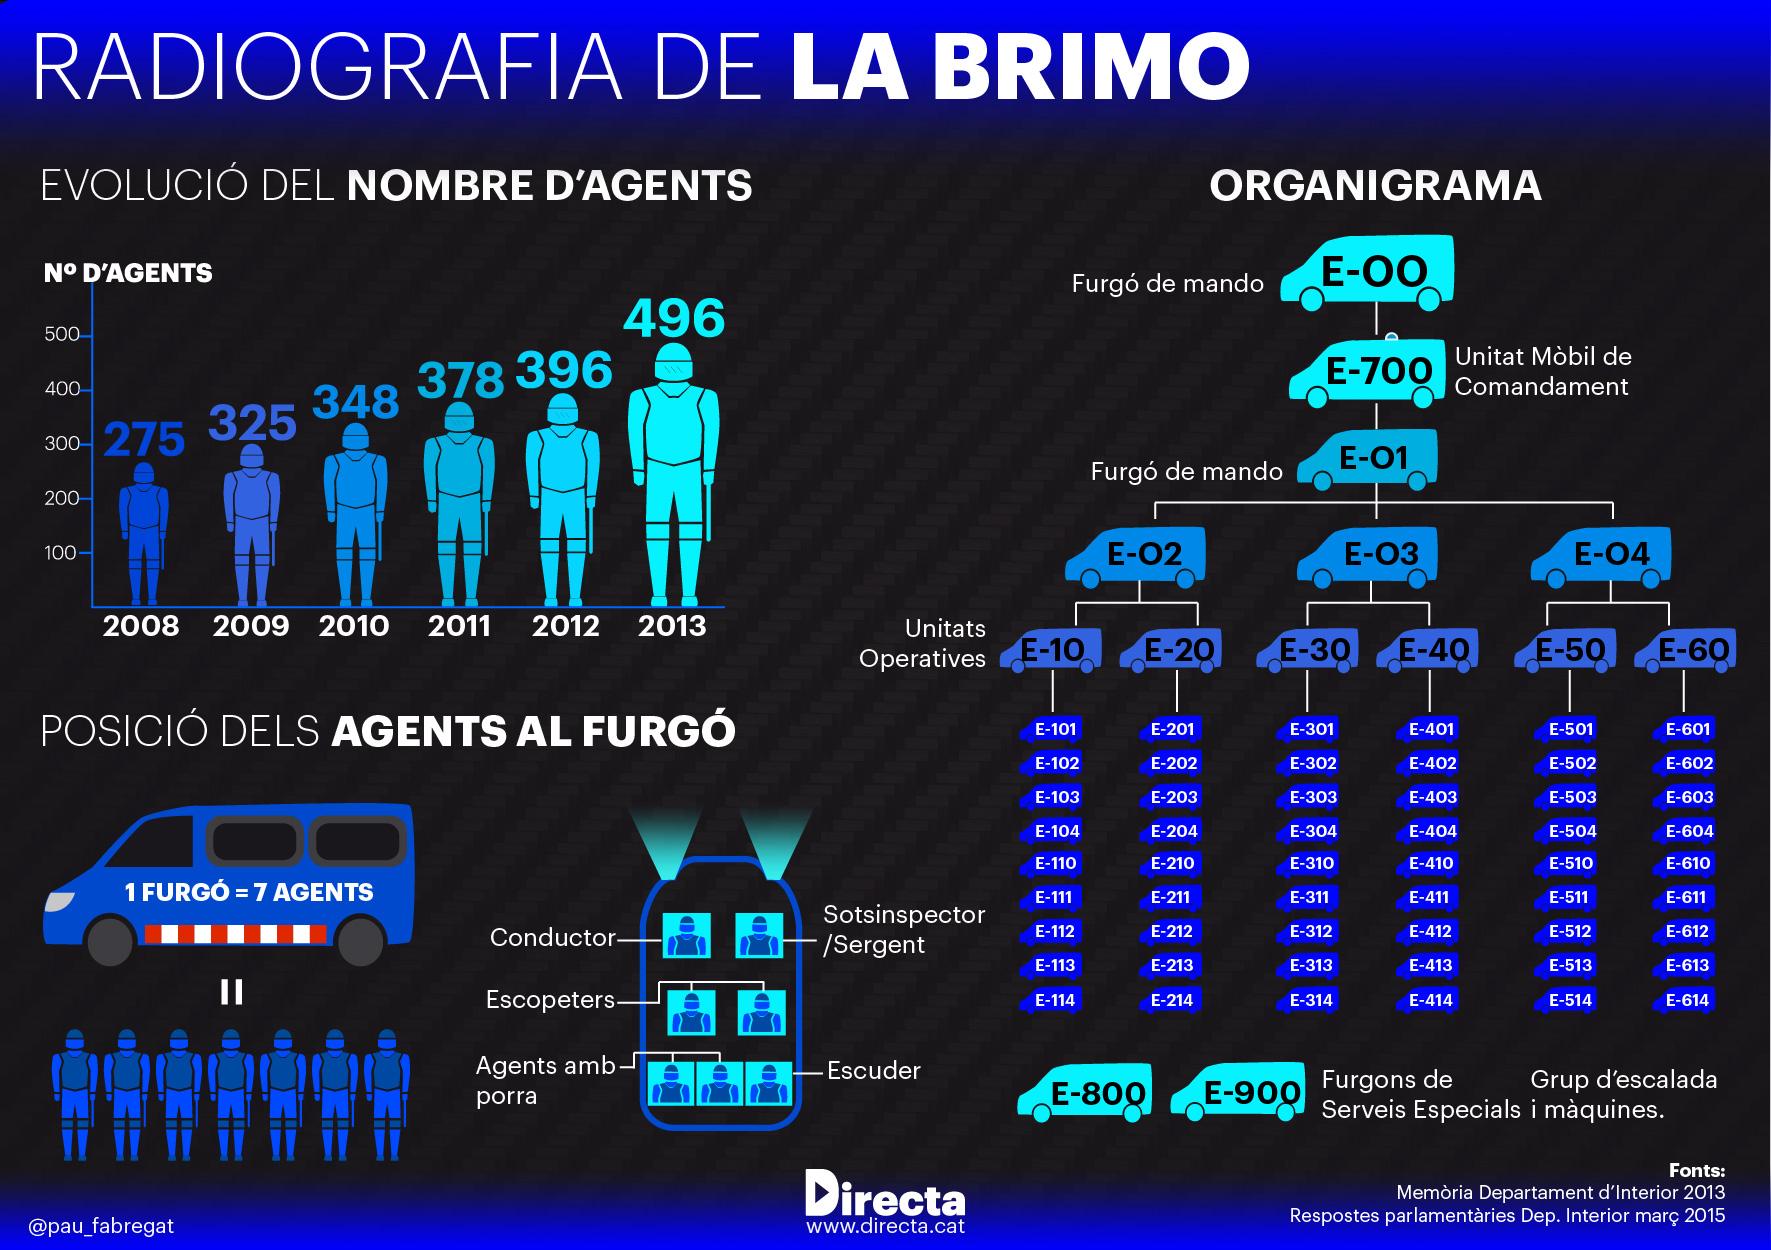 Radiografia de la BRIMO